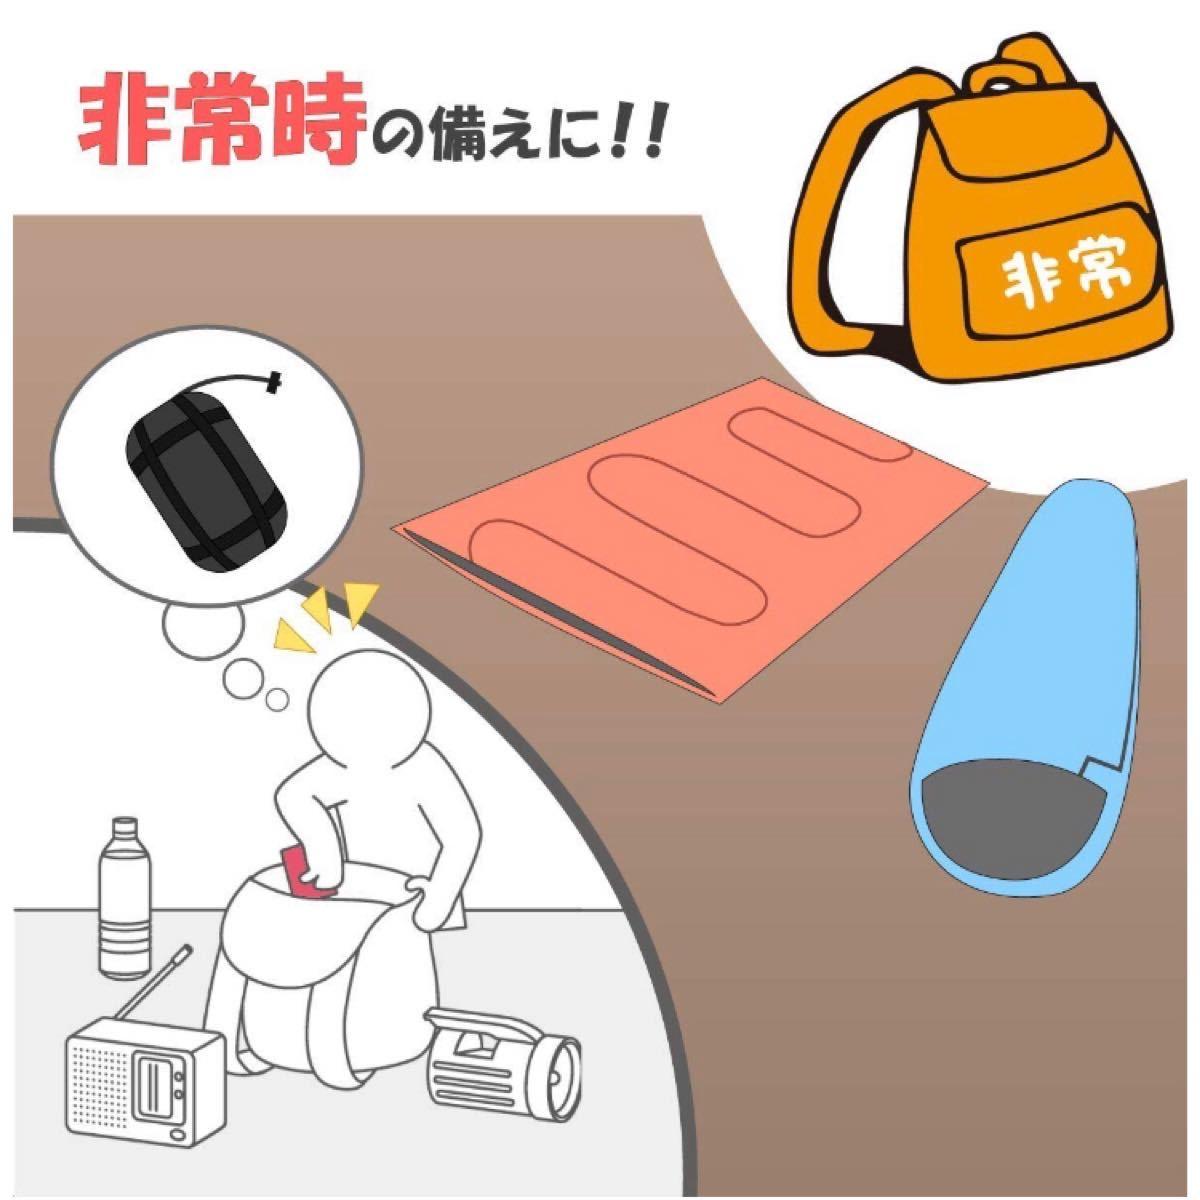 寝袋 シュラフ 封筒型 コンパクト収納 丸洗い 抗菌仕様 最低使用温度-15